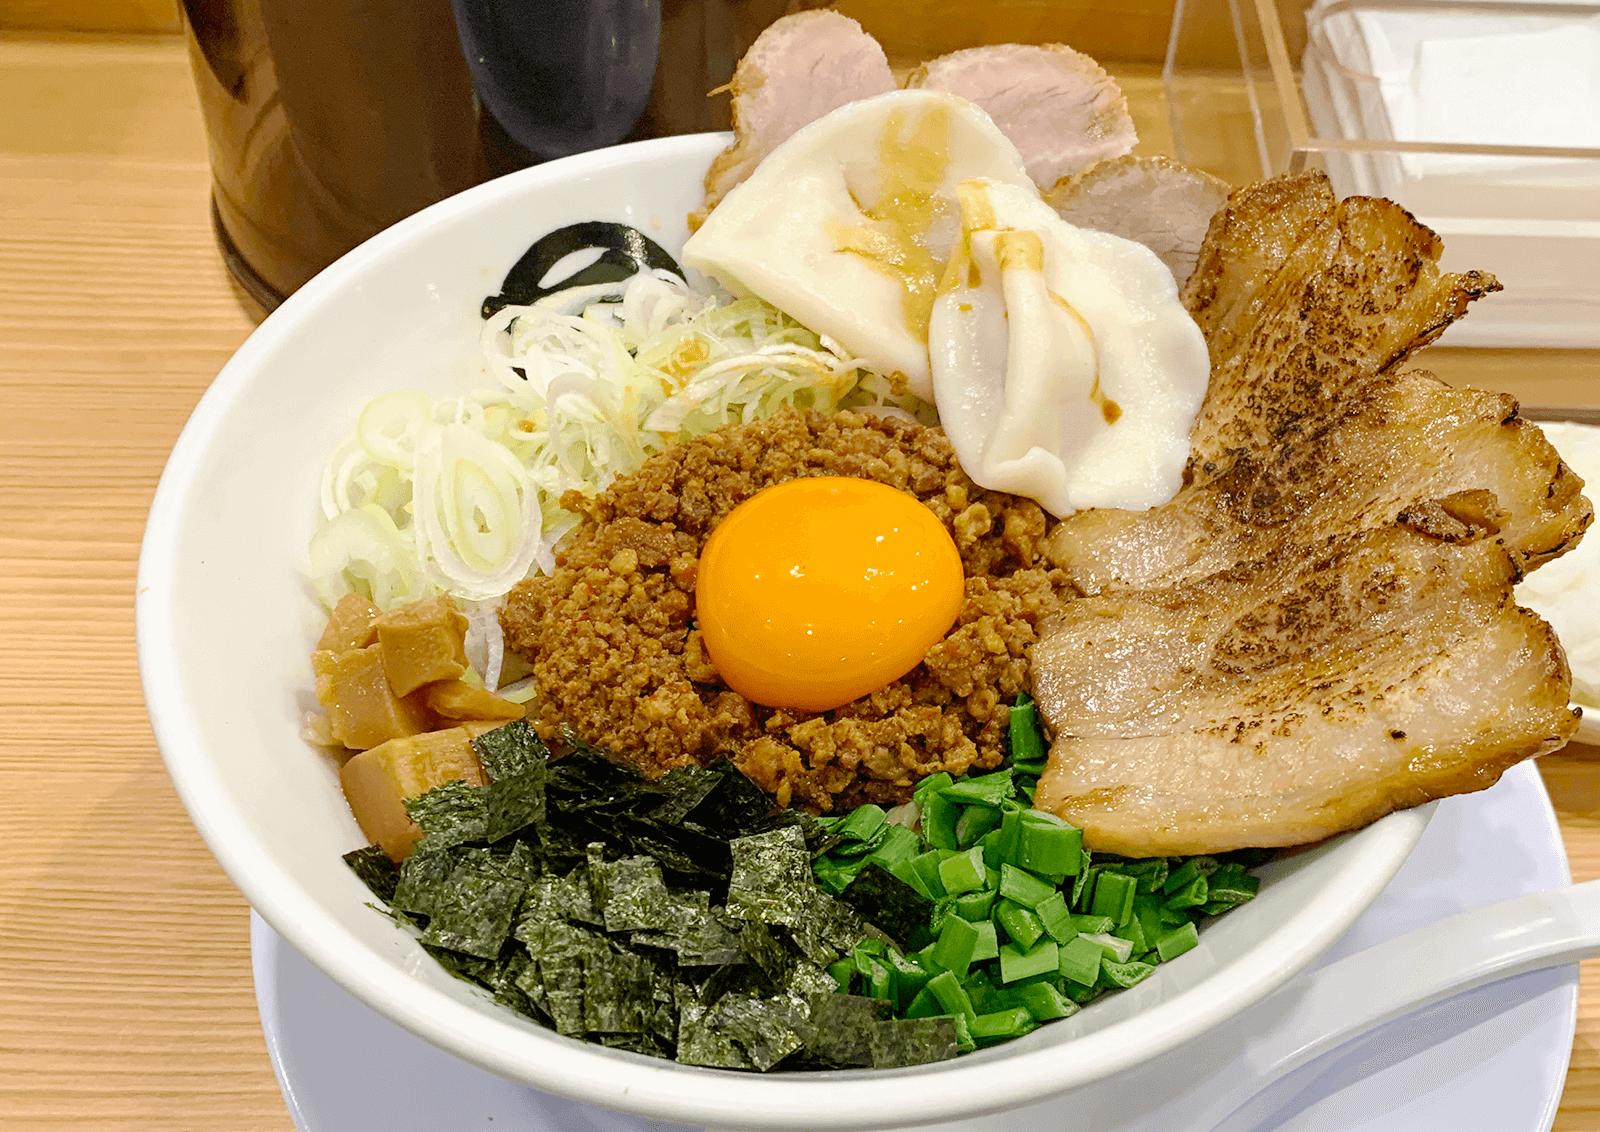 麺や マルショウ 地下鉄新大阪店 台湾まぜそばDX